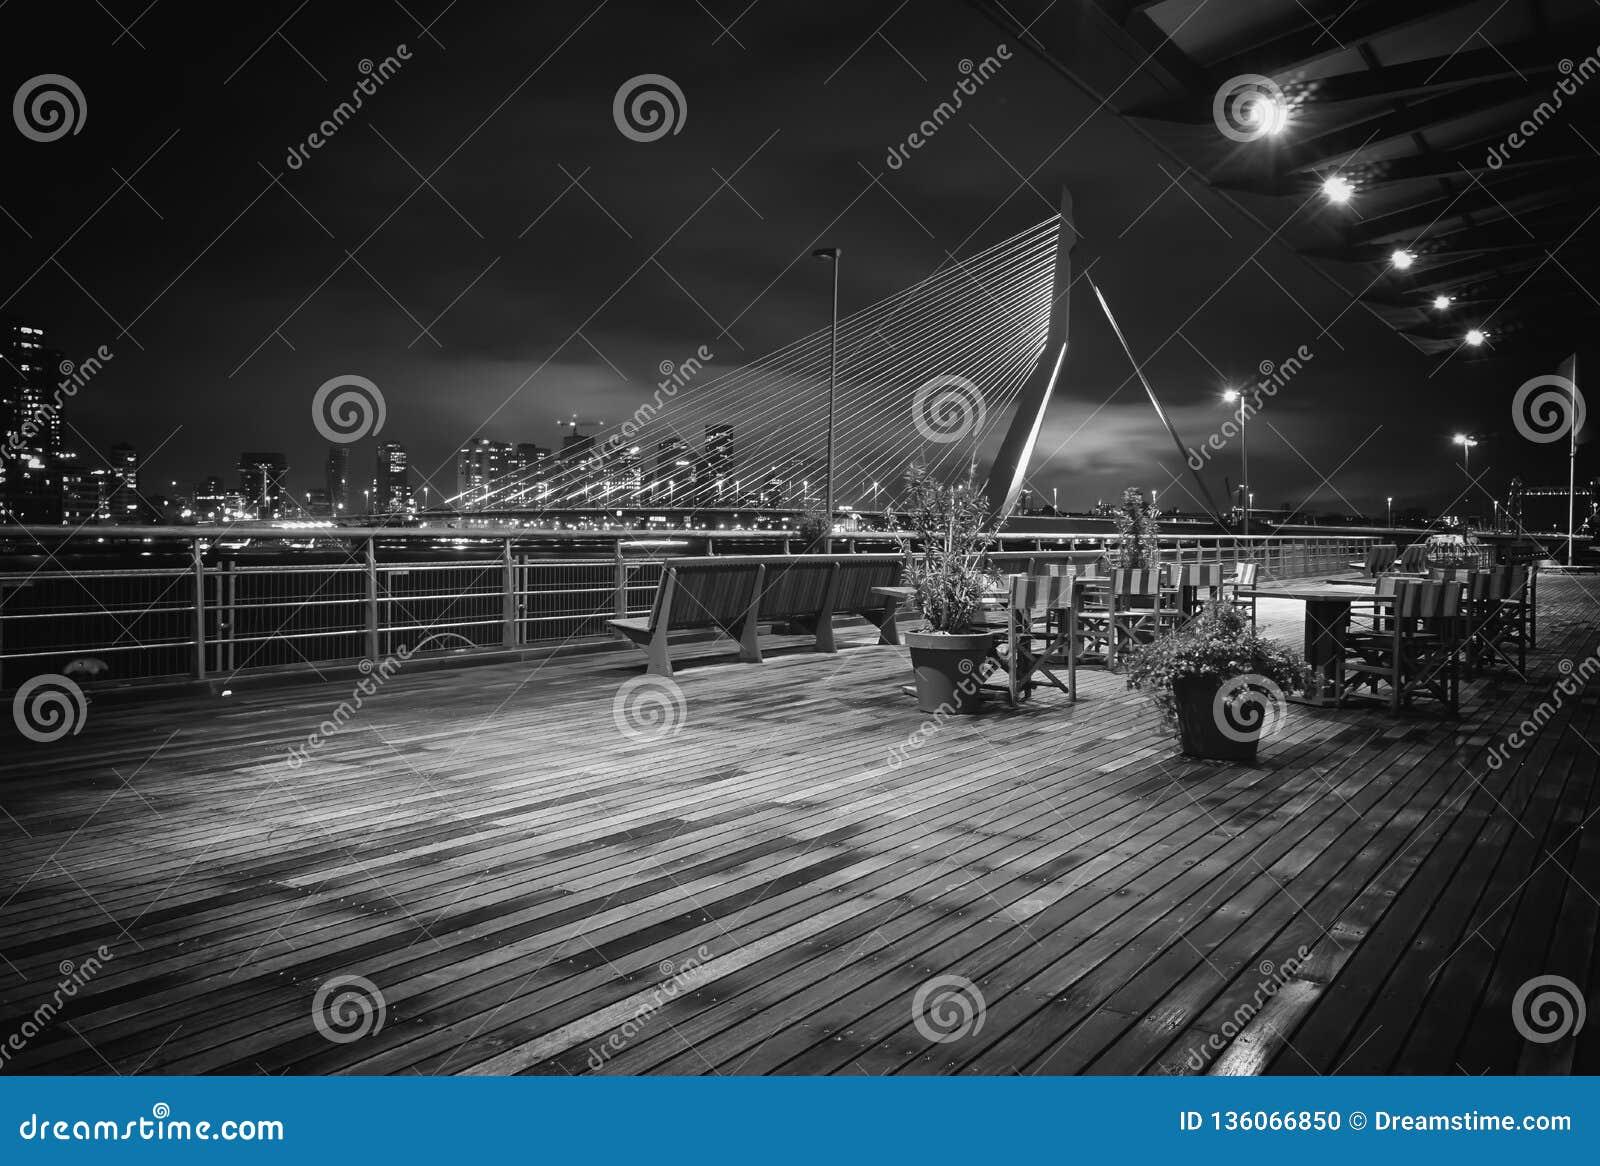 Хлев Роттердама фотографии ночи моста Erasmus старый